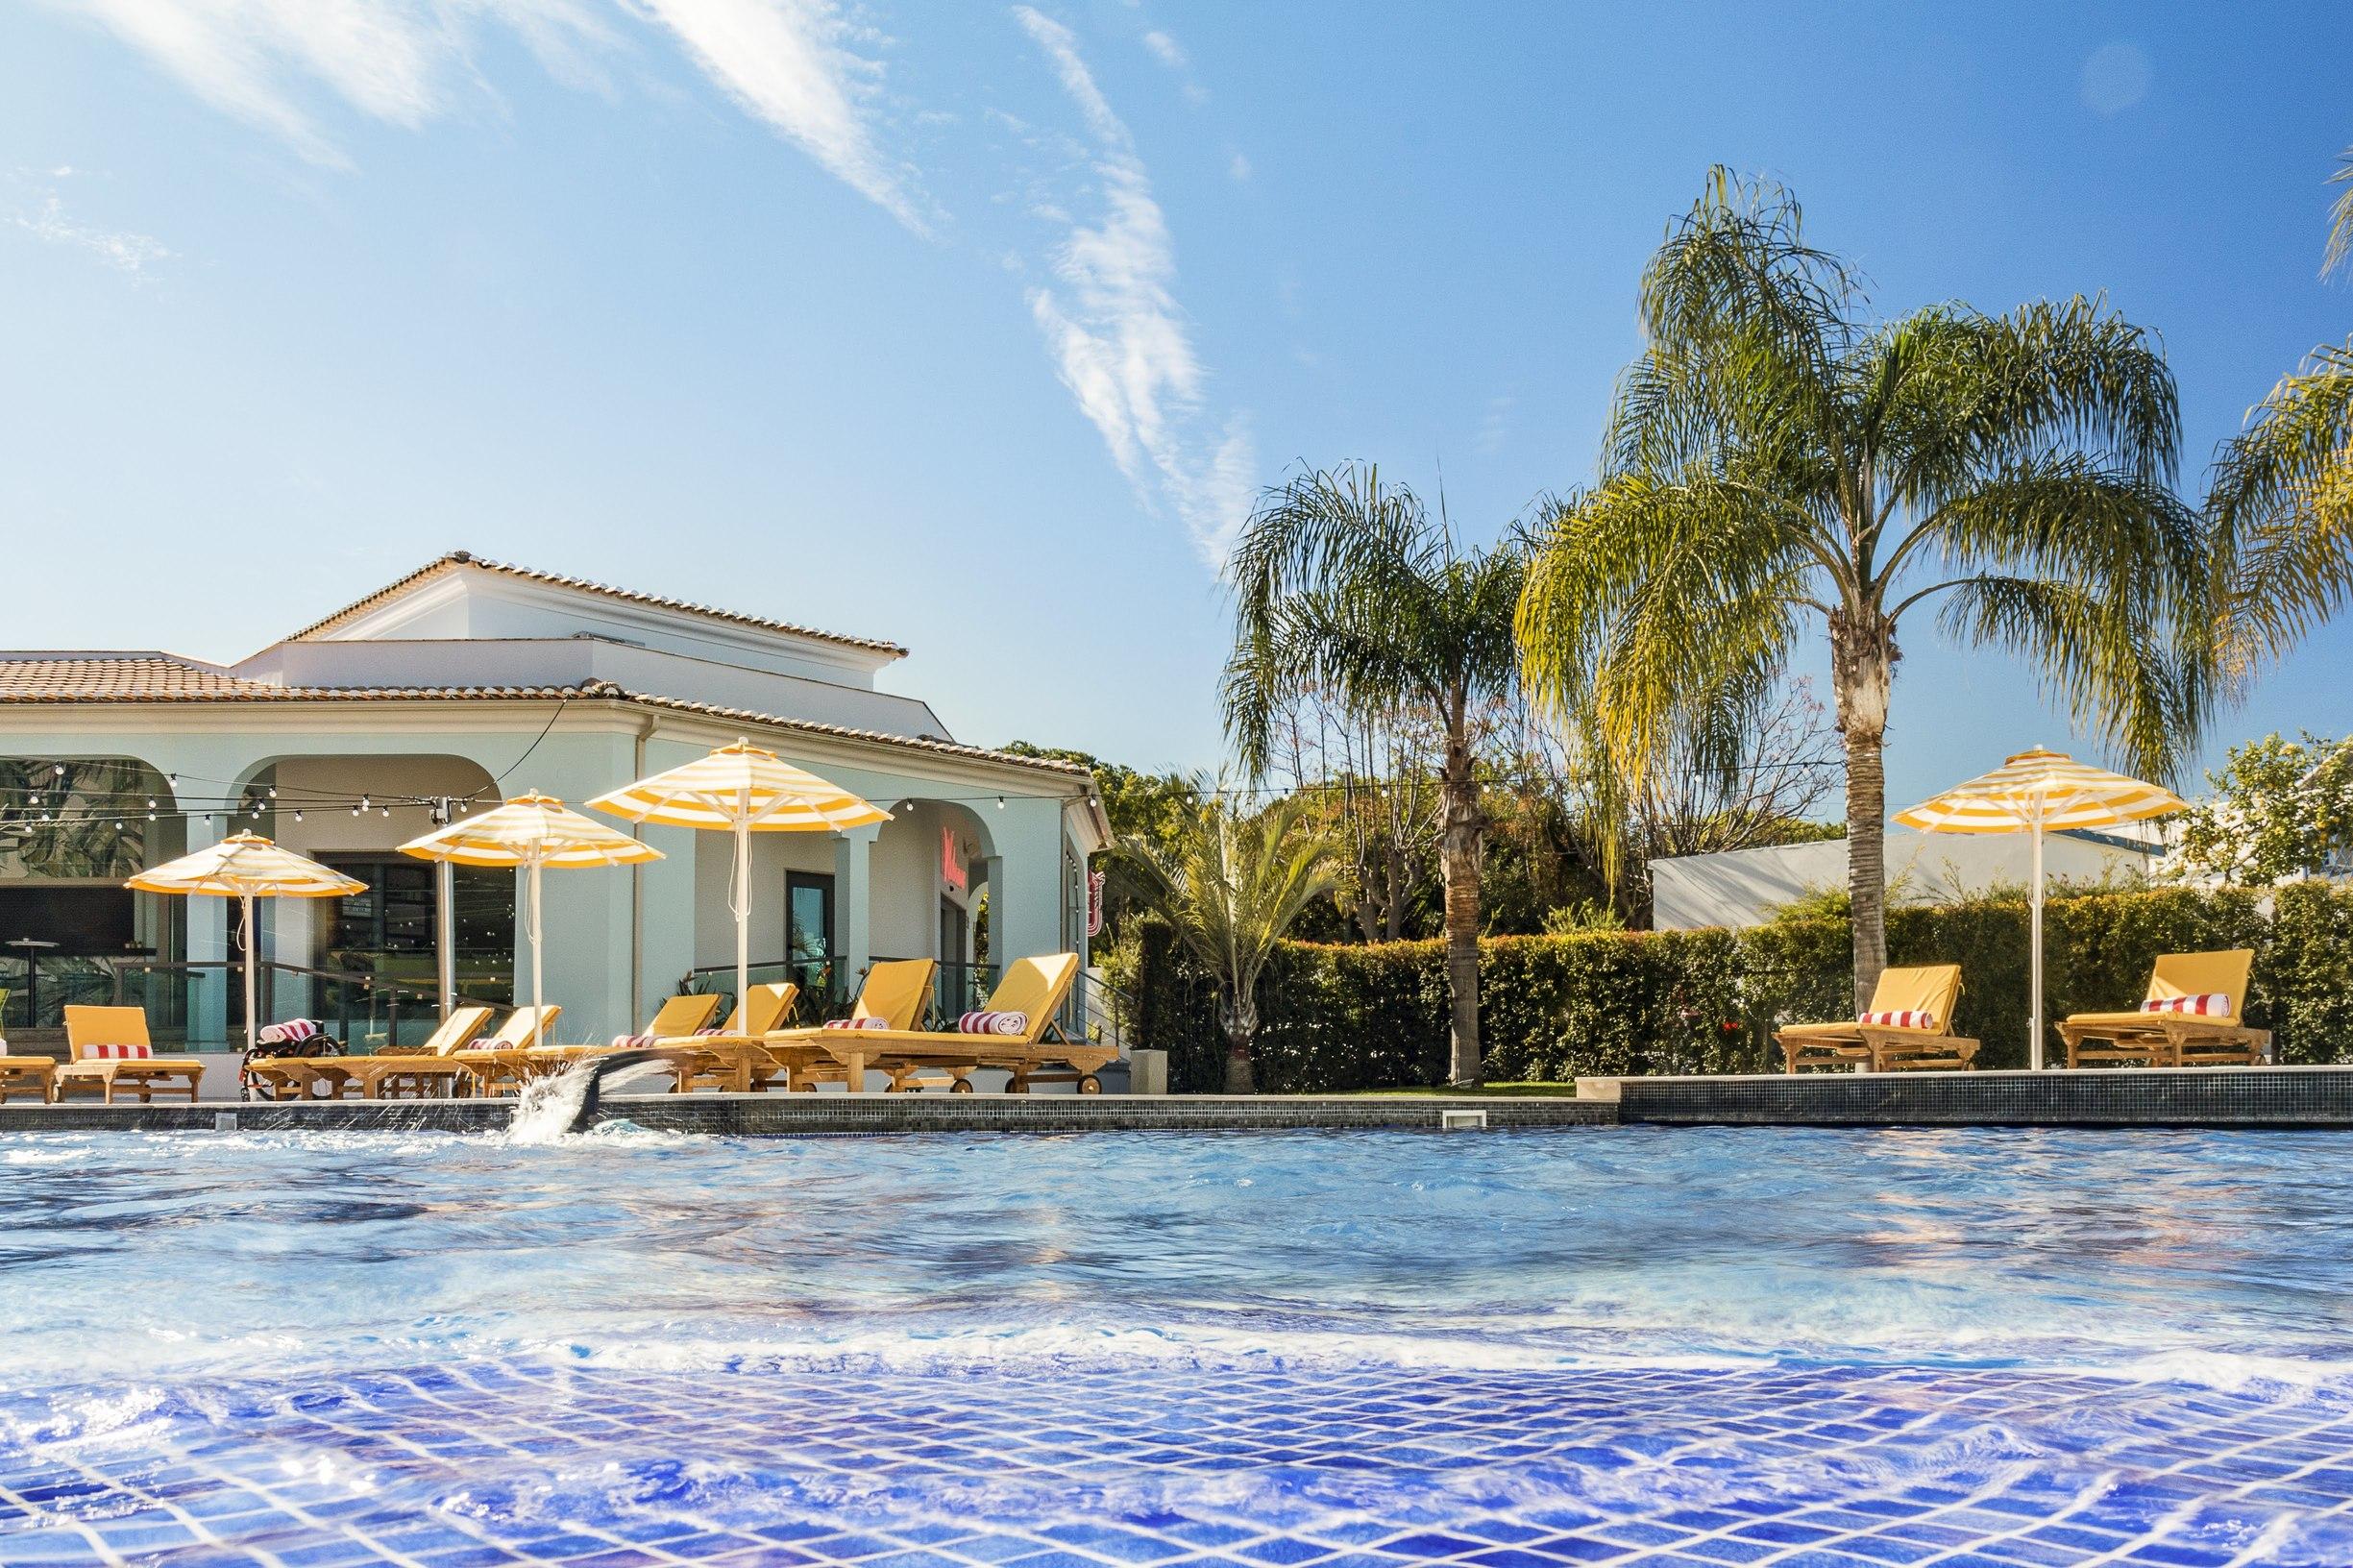 La Magnolia Hotel Portugal 1.jpg